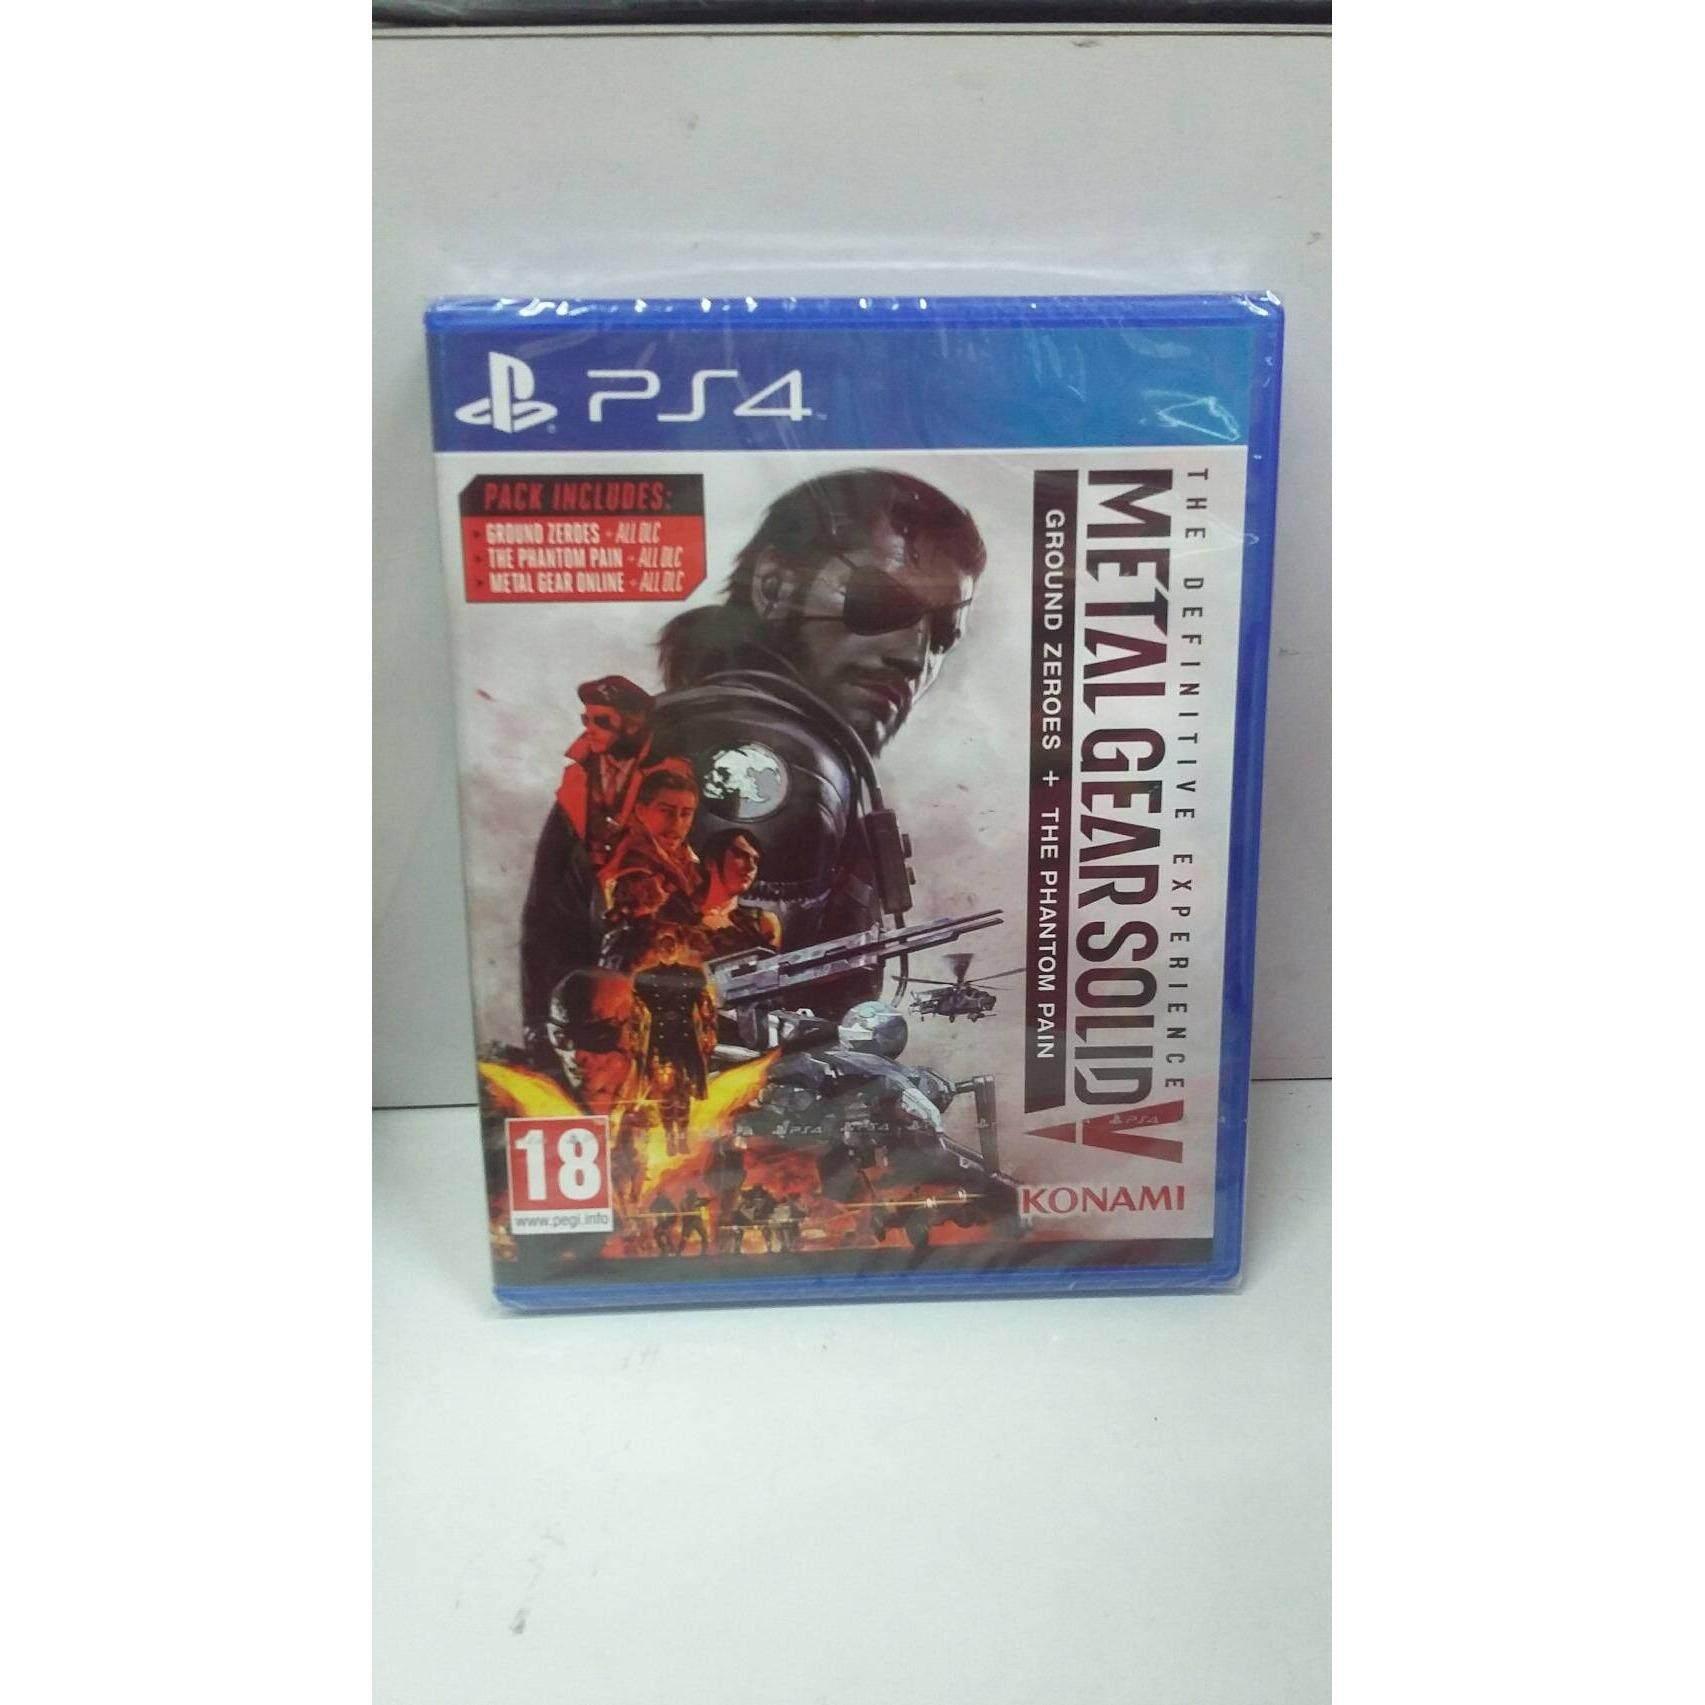 แผ่นเกมส์ PS4 GAME Metal Gear Solid V: The Definitive Experience (โซน2) ออนไลน์